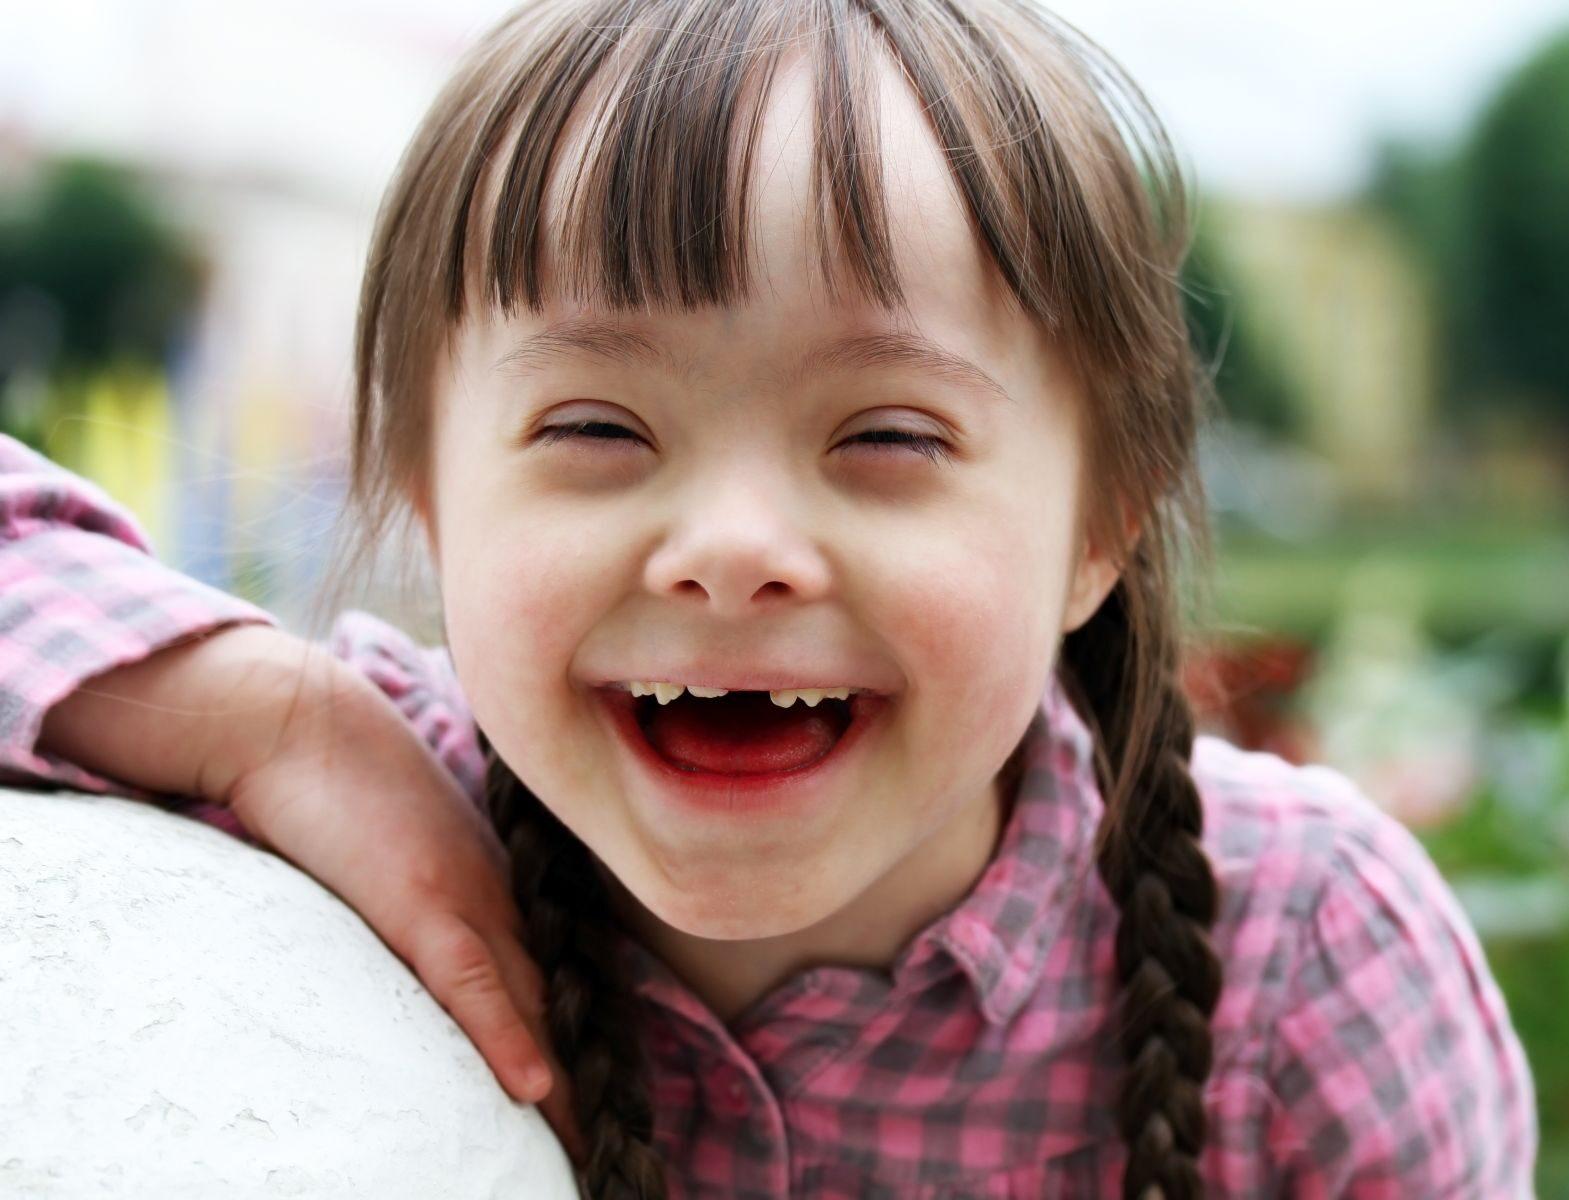 A Down-szindróma